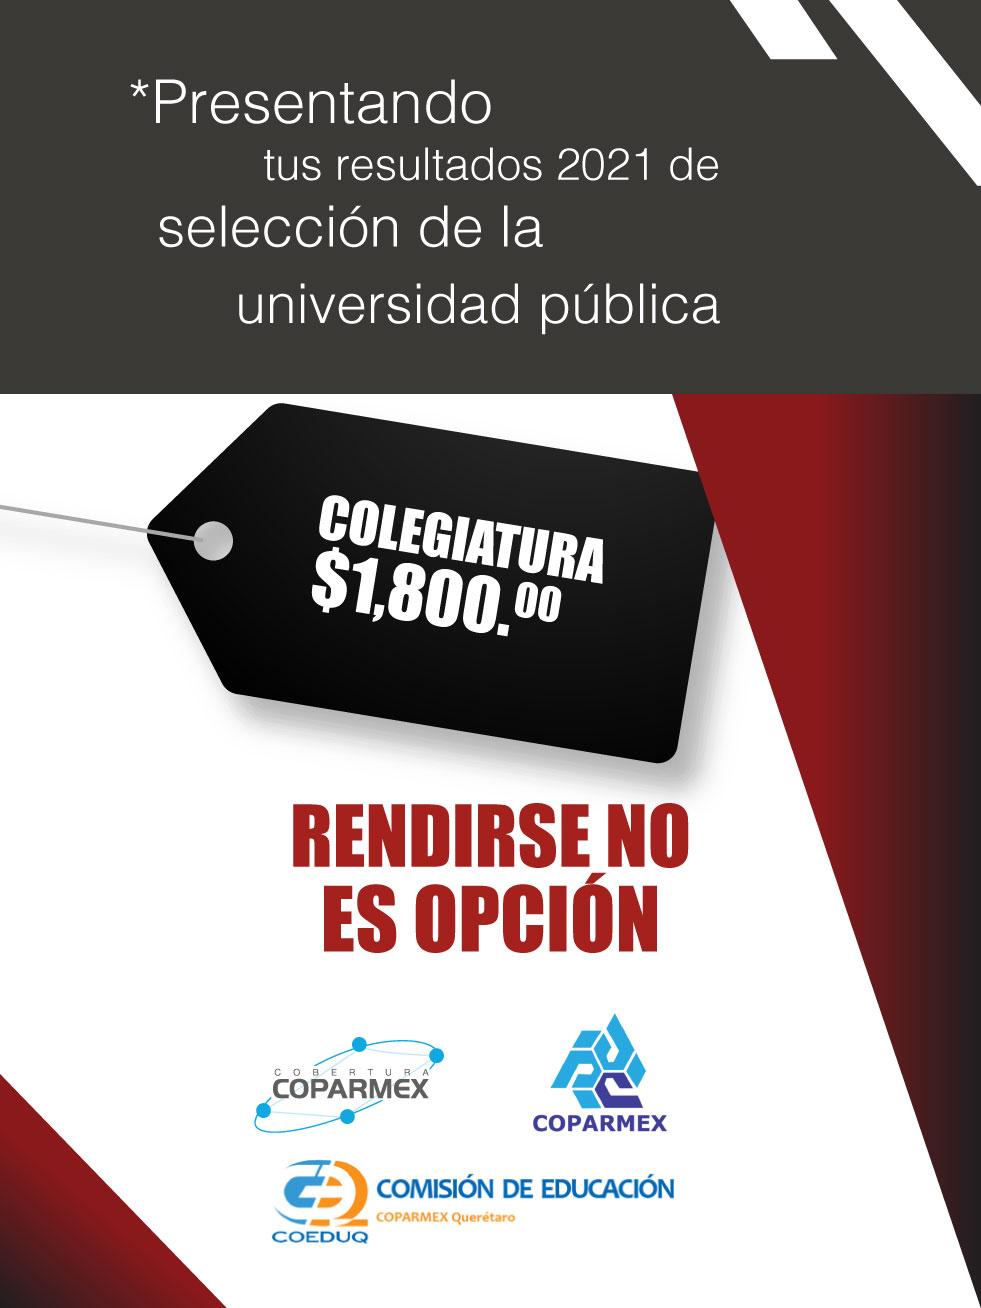 Colegiatura 1,800.00. Presentando tus resultados 2021 de selección de la universidad pública